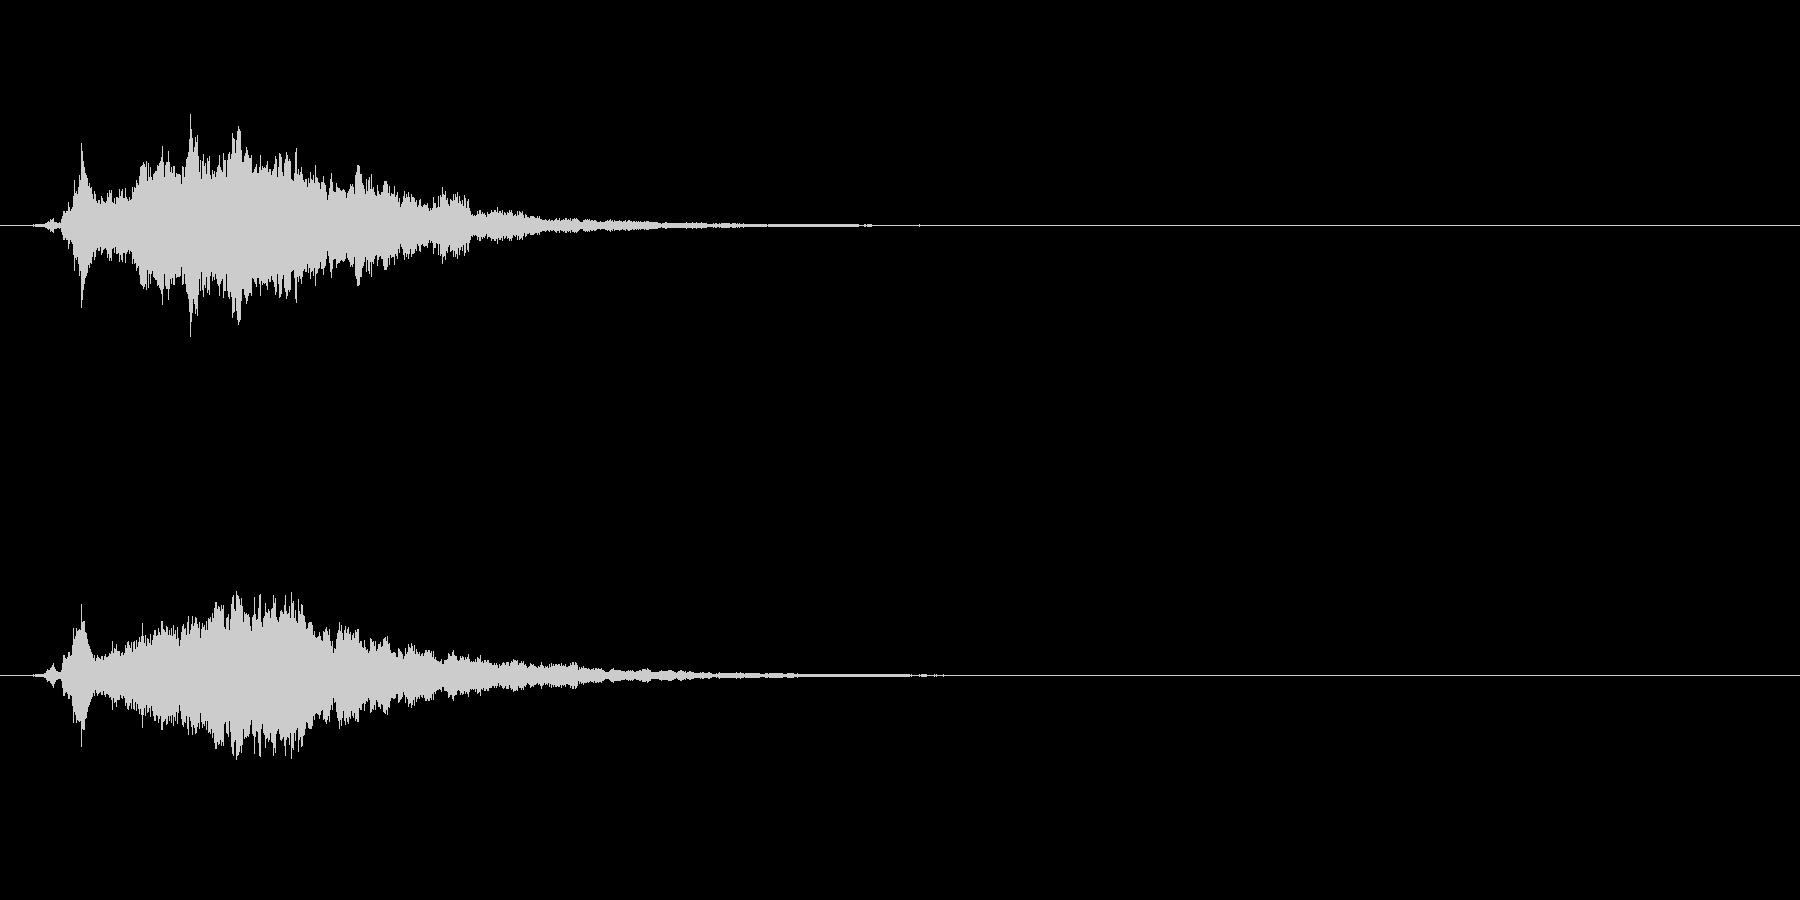 【サウンドロゴ】ベル系シンセ_01の未再生の波形